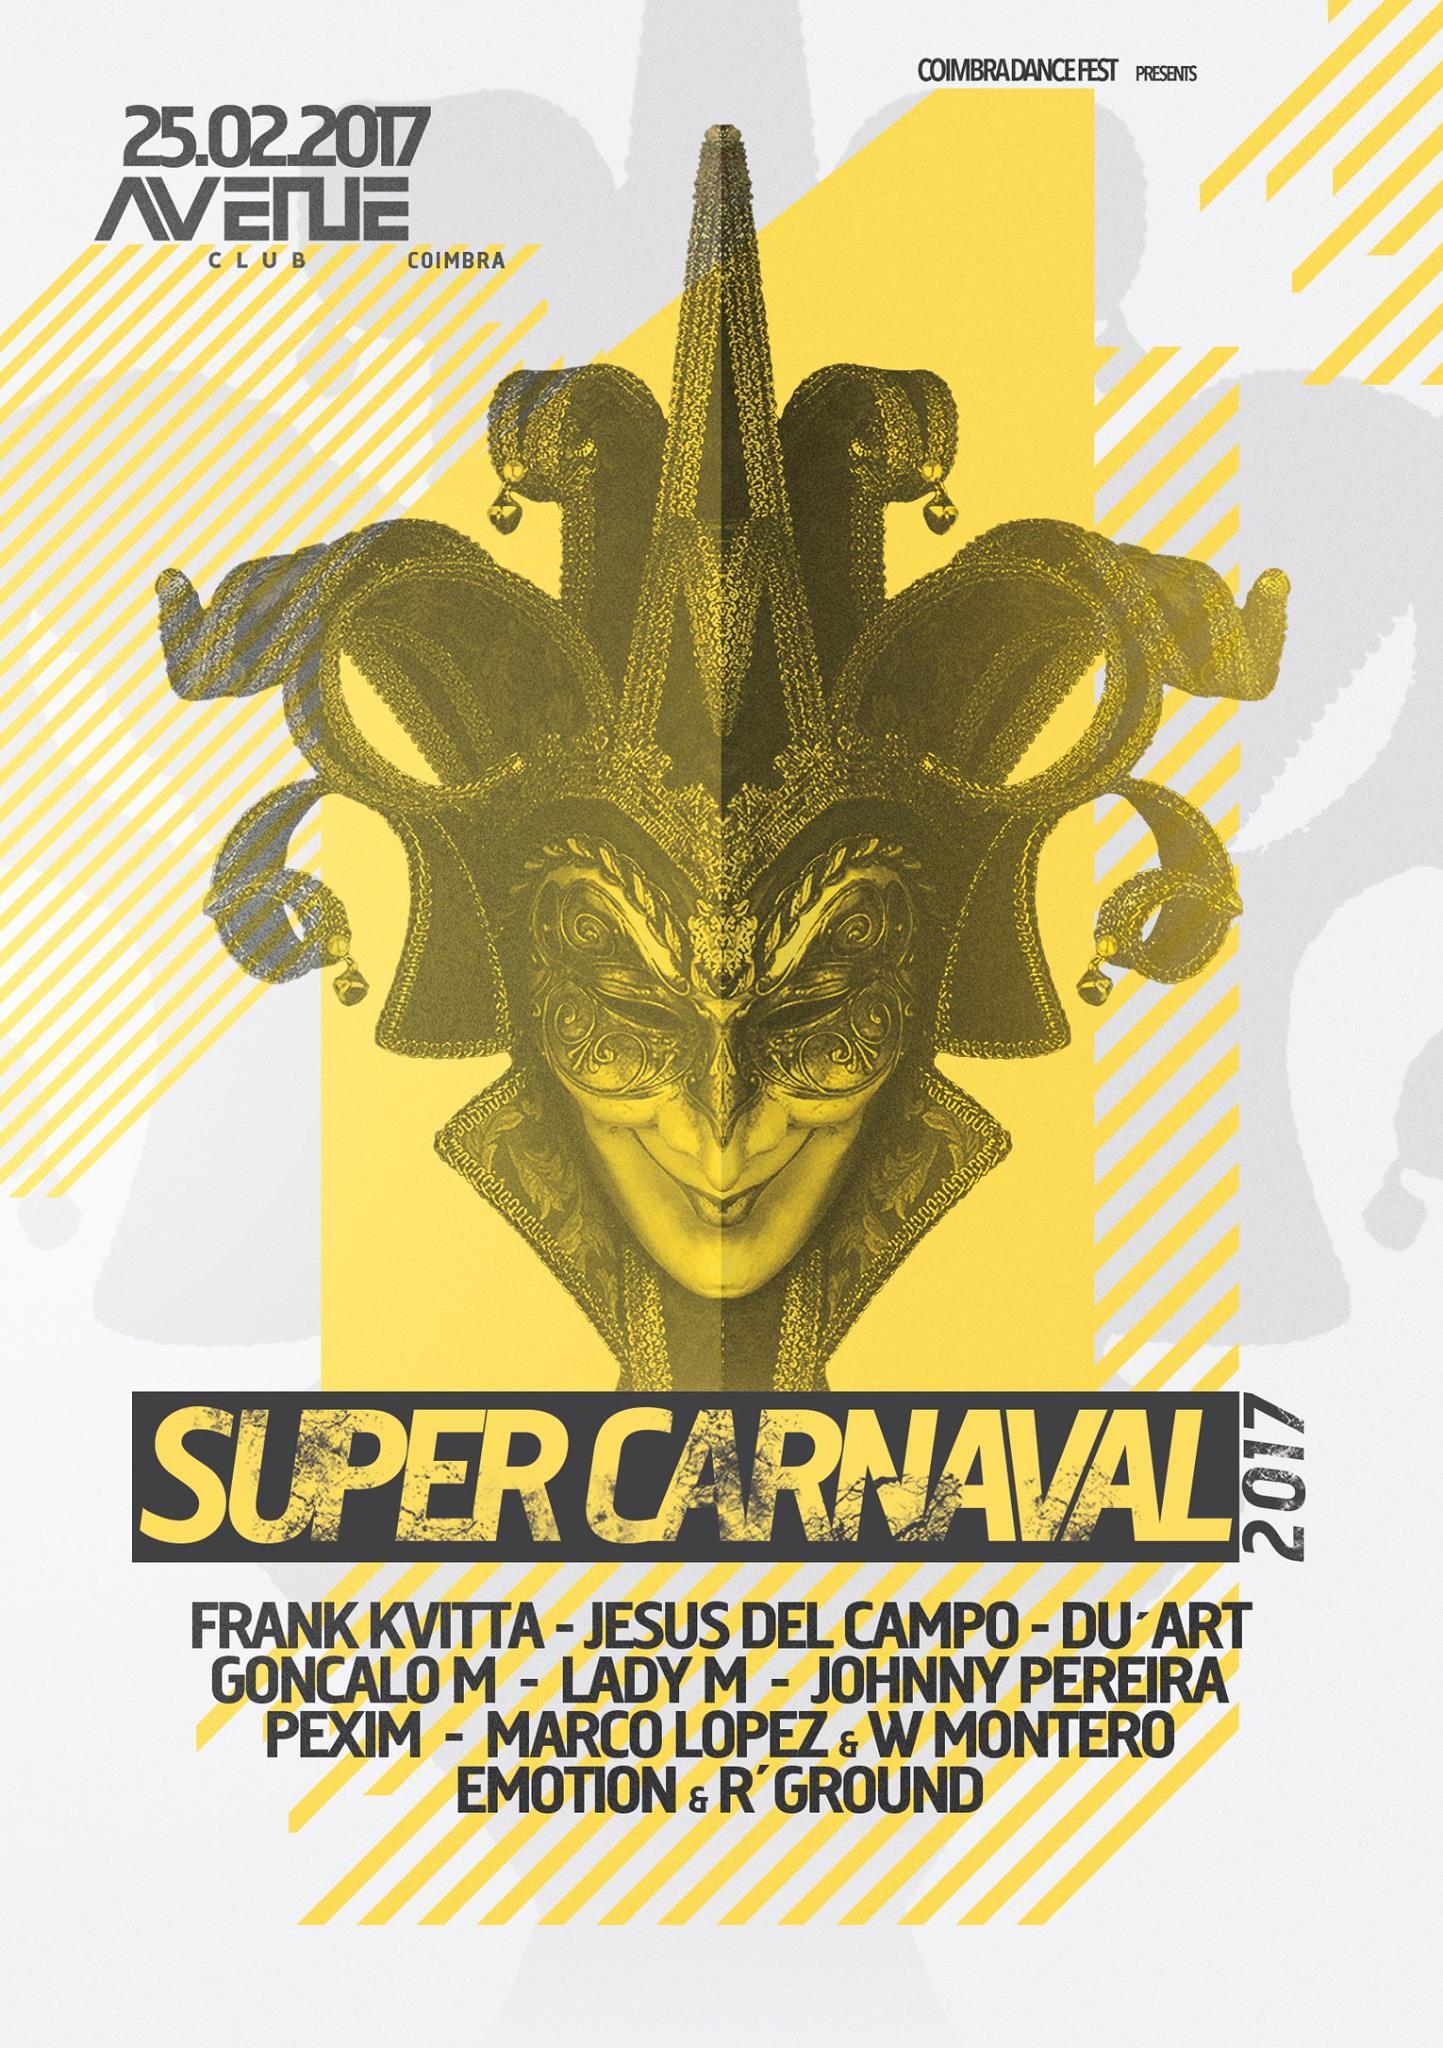 flyer Supercarnaval coimbra 25 feb 2016 cartel jesus del campo